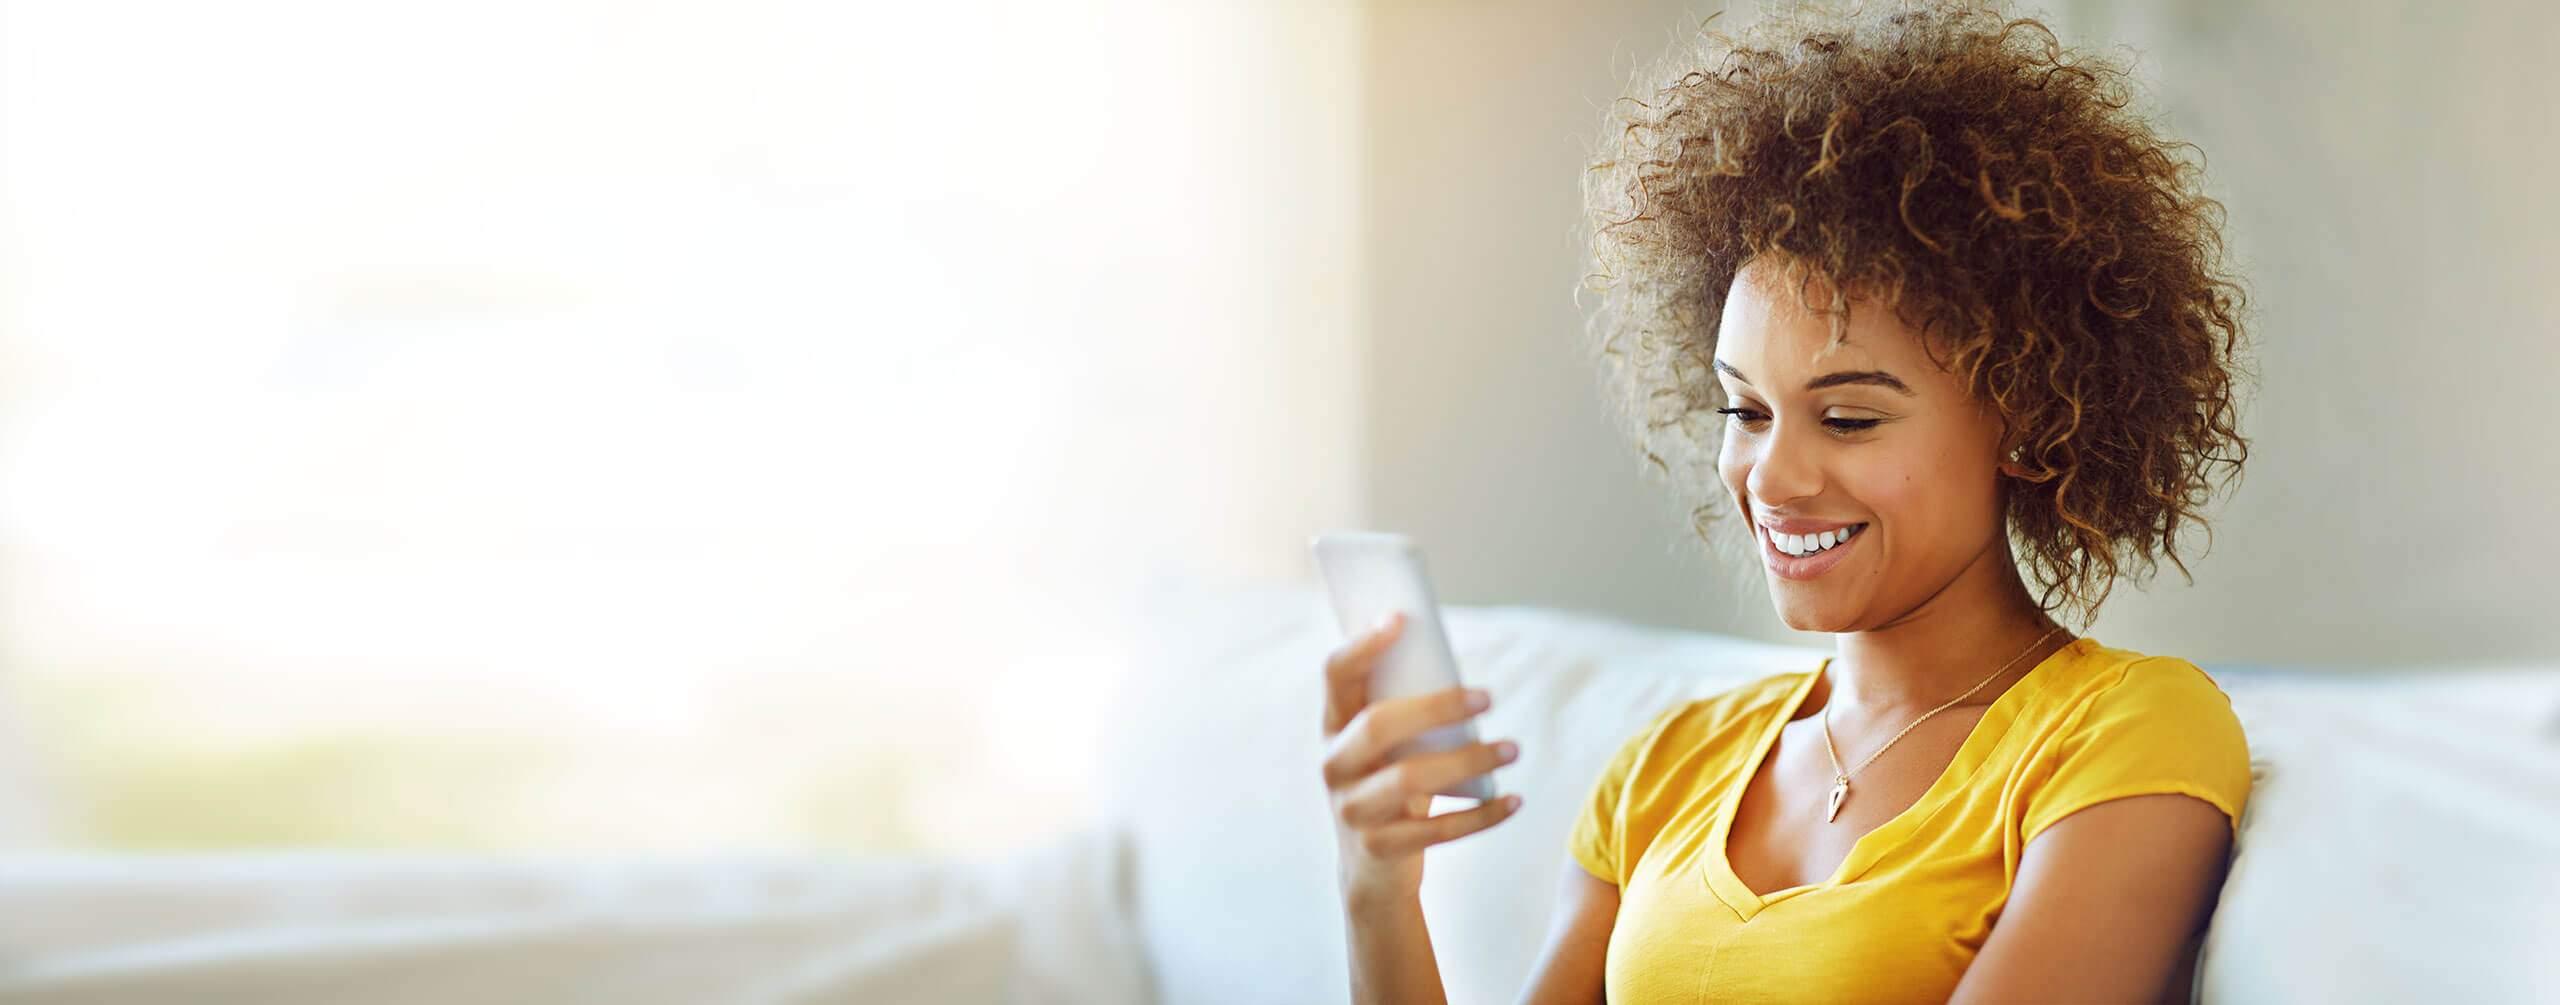 Bild einer Frau mit einem Smartphone in der Hand.